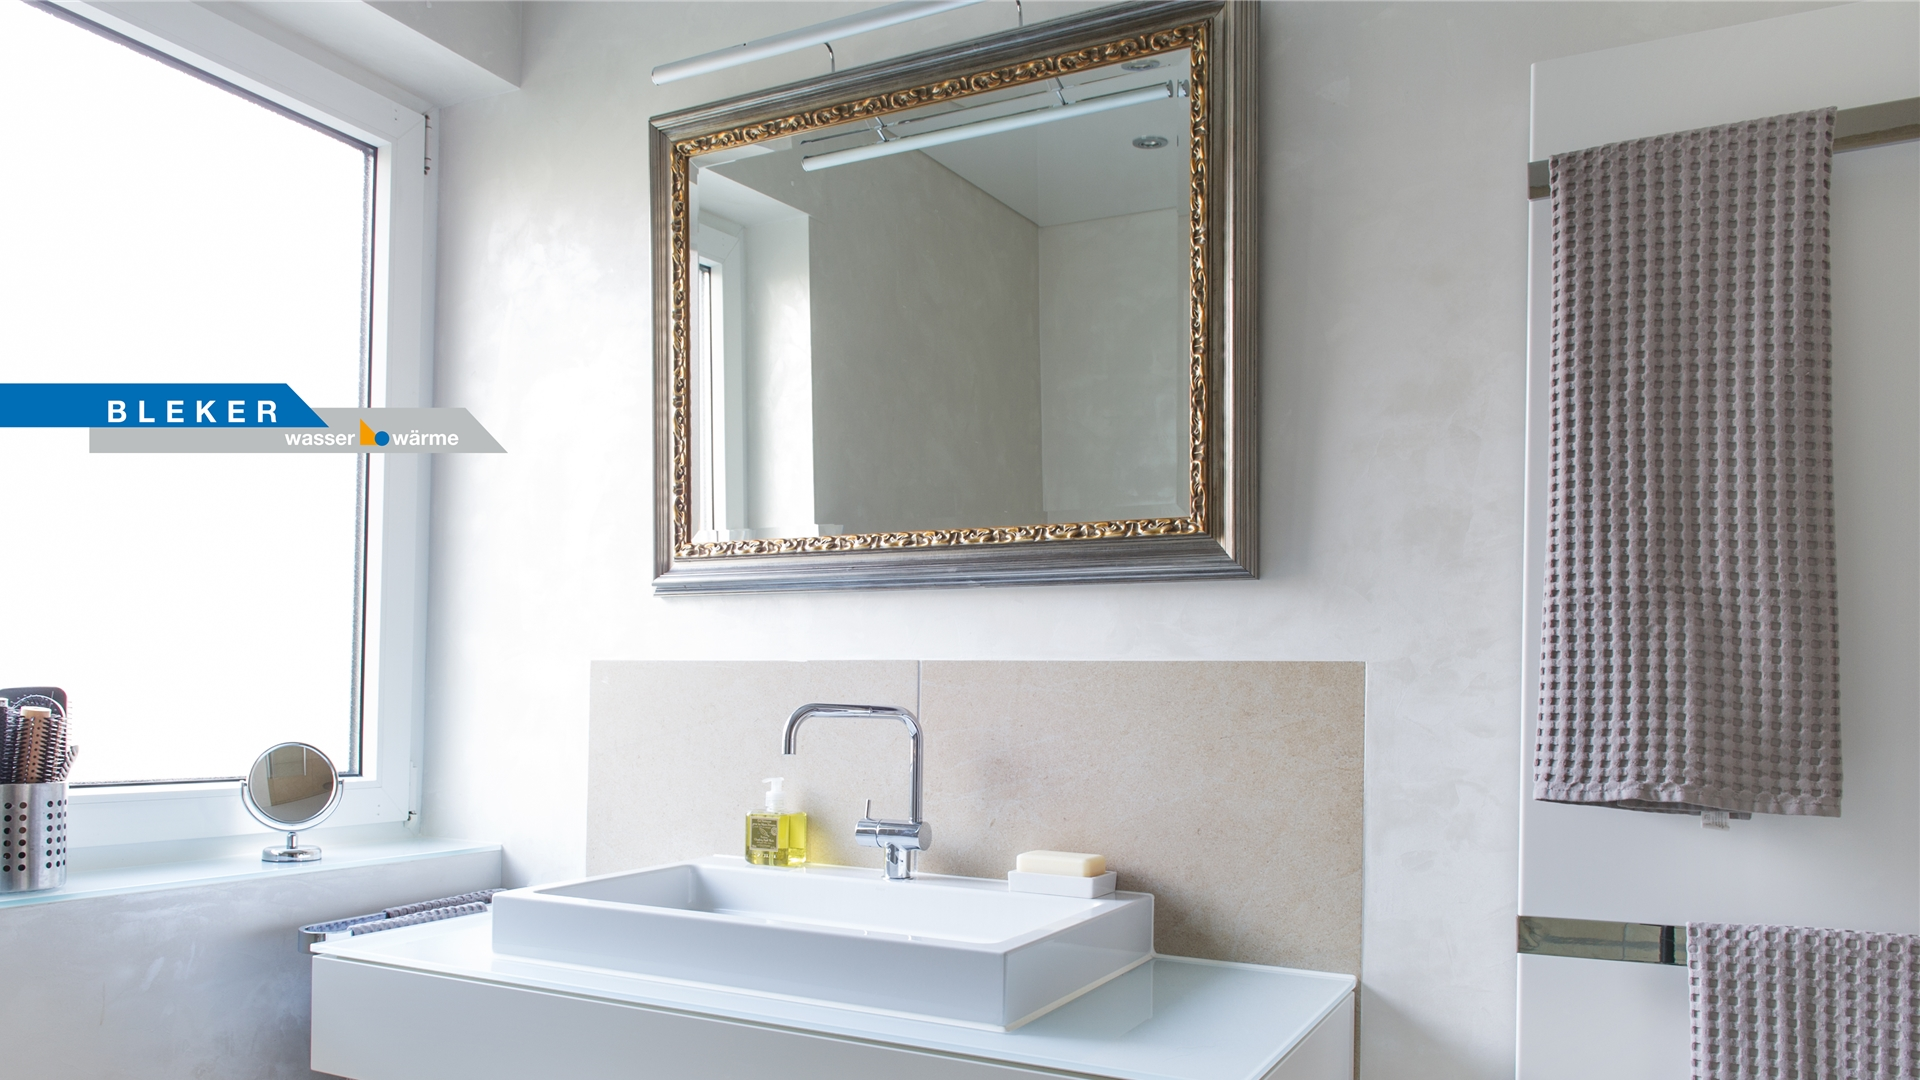 Spiegel mit goldenem Stuckrahmen über weissem Waschtisch